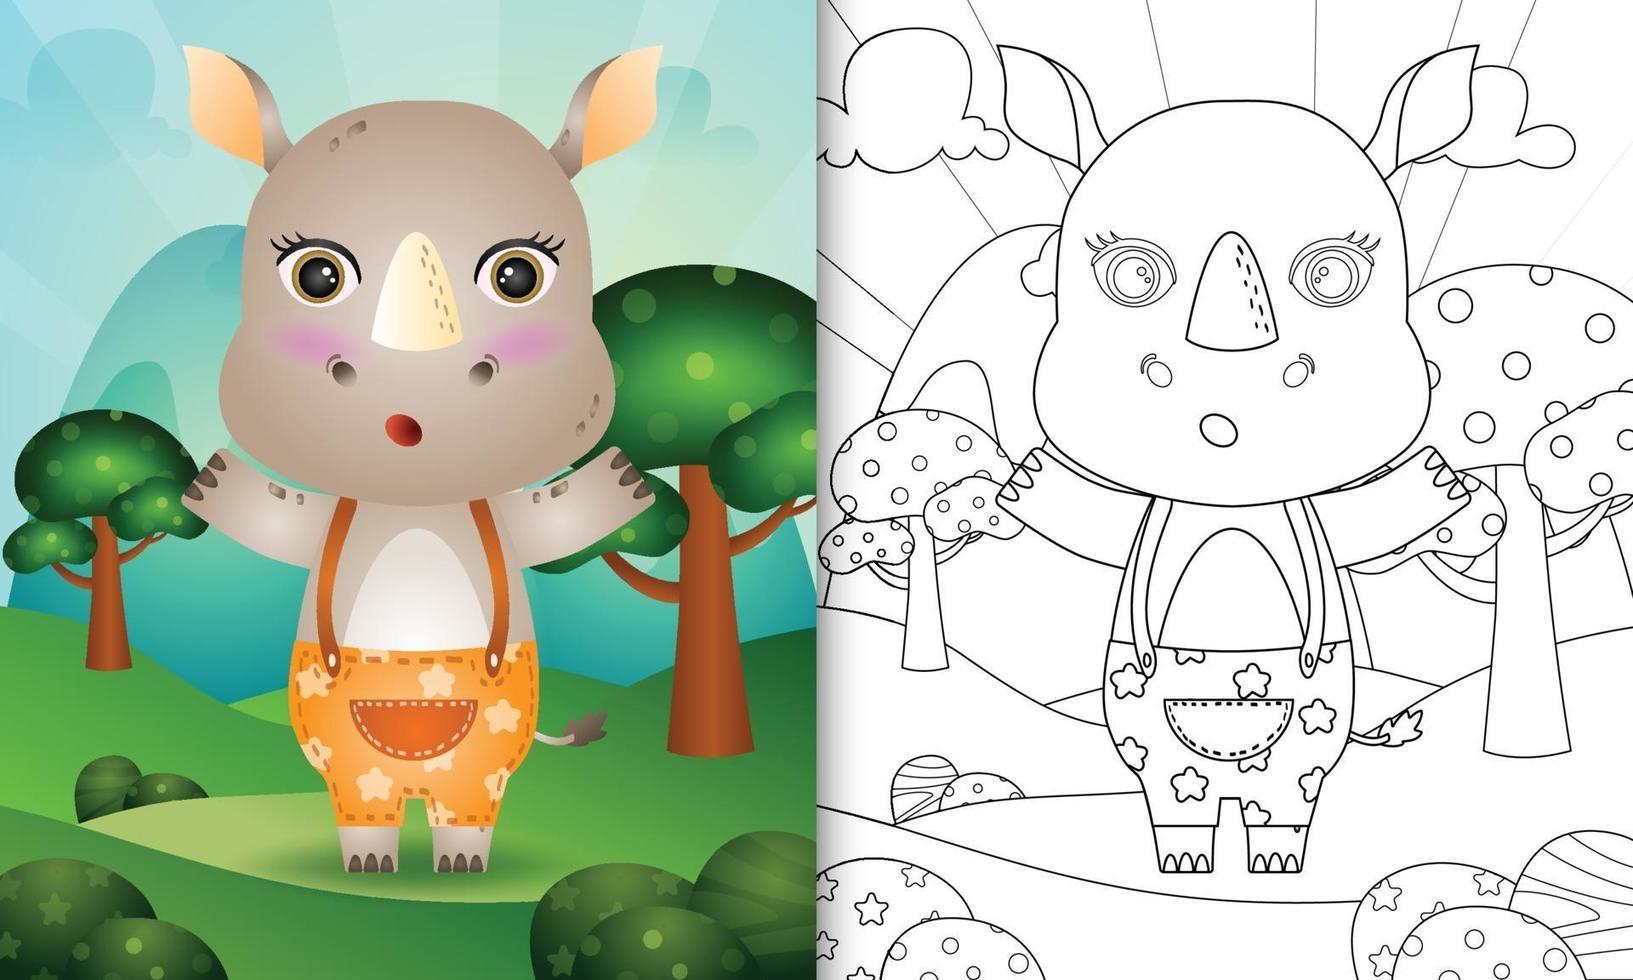 Plantilla de libro para colorear para niños con una linda ilustración de personaje de rinoceronte vector